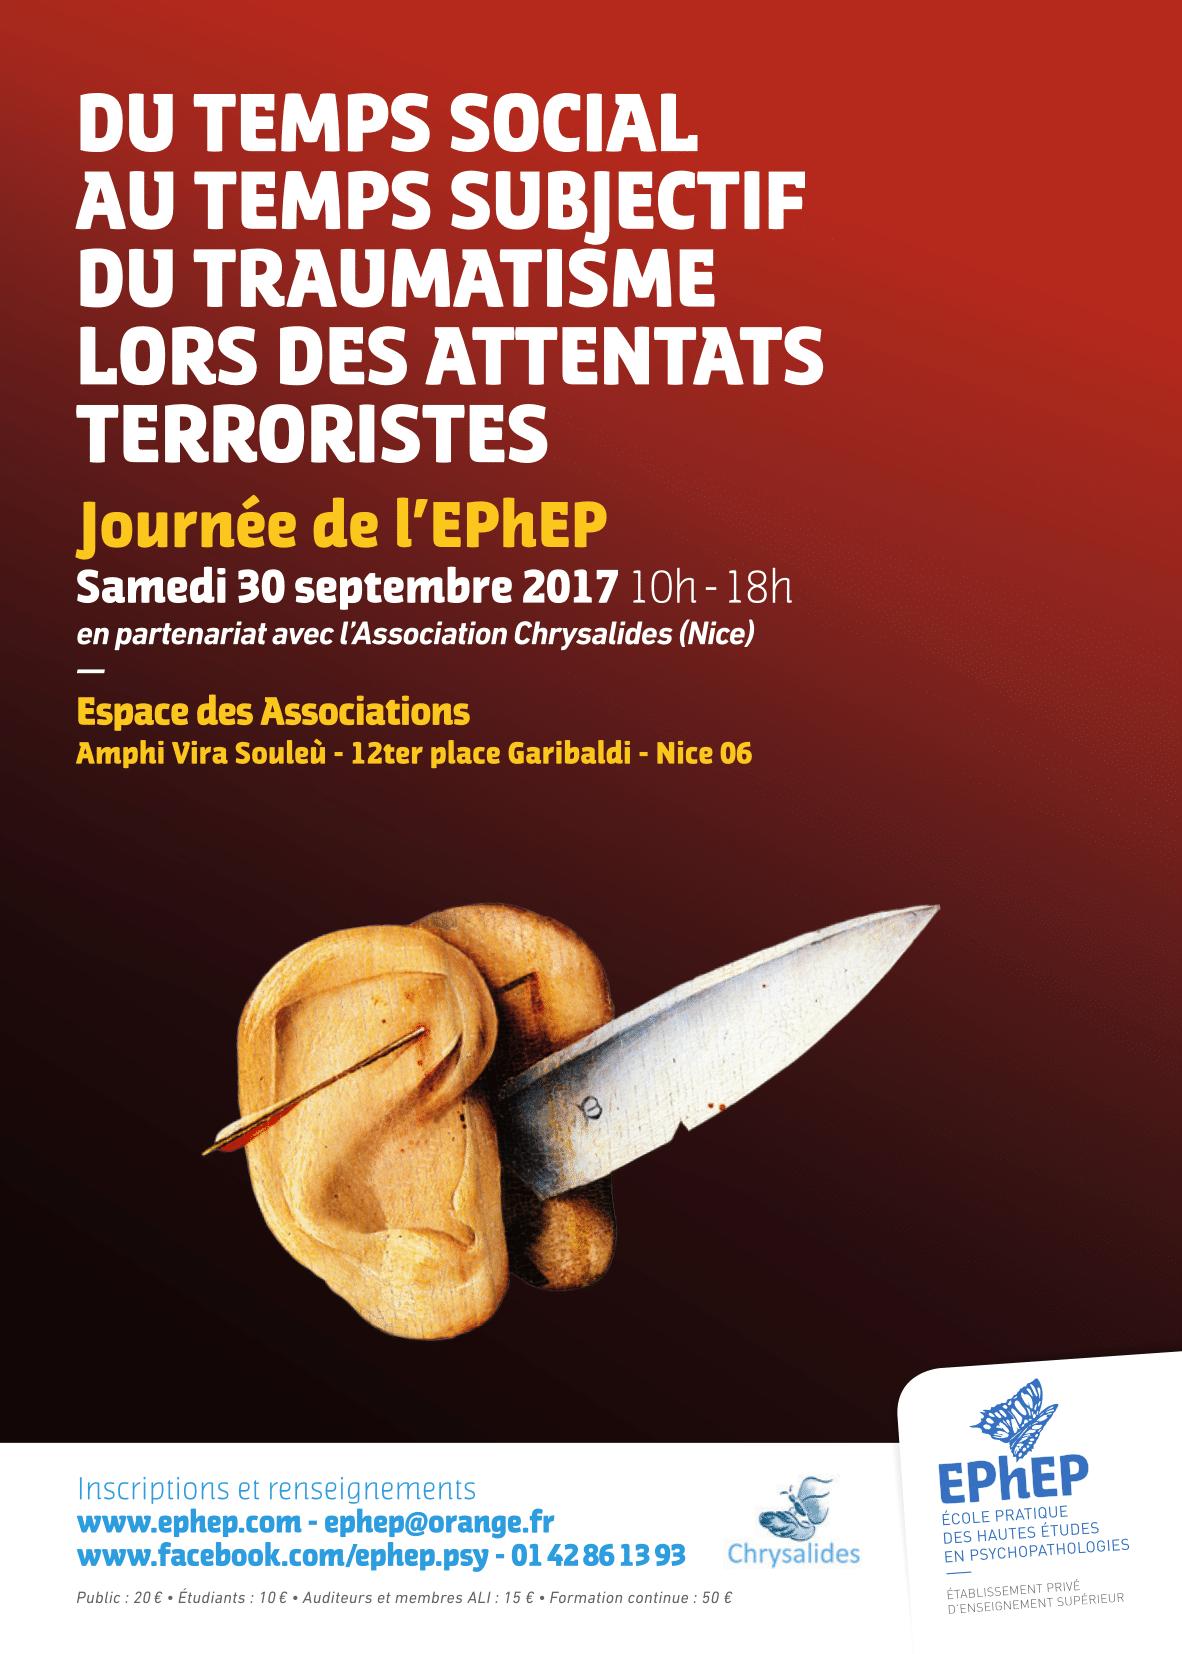 Conférence : Du temps social au temps subjectif du traumatisme lors des attentats terroristes